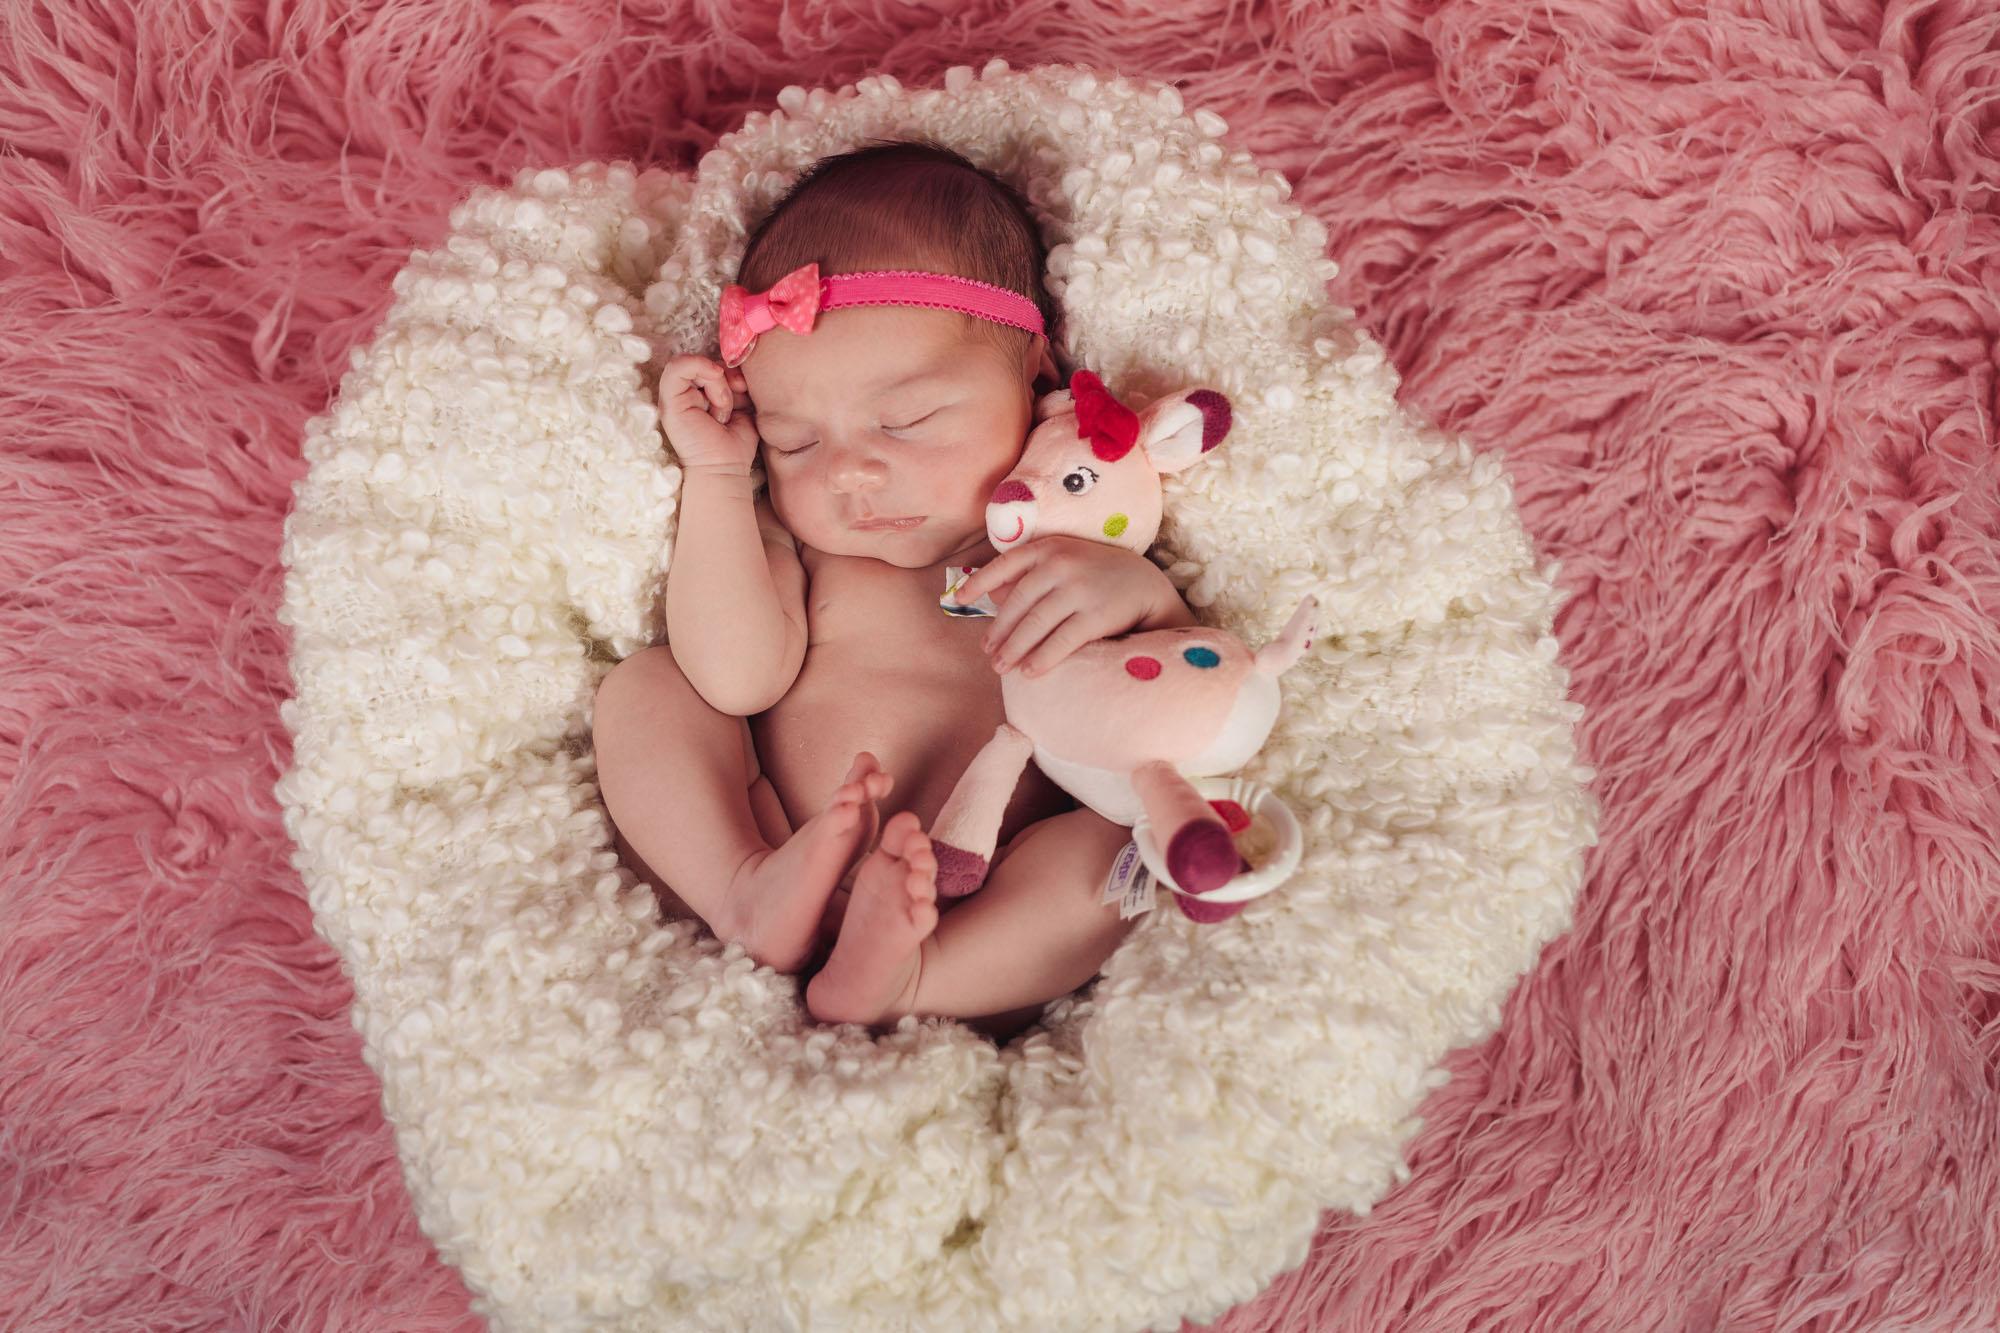 fotos-fotograf-baby-babyfotograf-neugeborenes-newborn-hildesheim-hannover-wolfsburg-braunschweig-salzgitter-ps-sd-20160814-0035